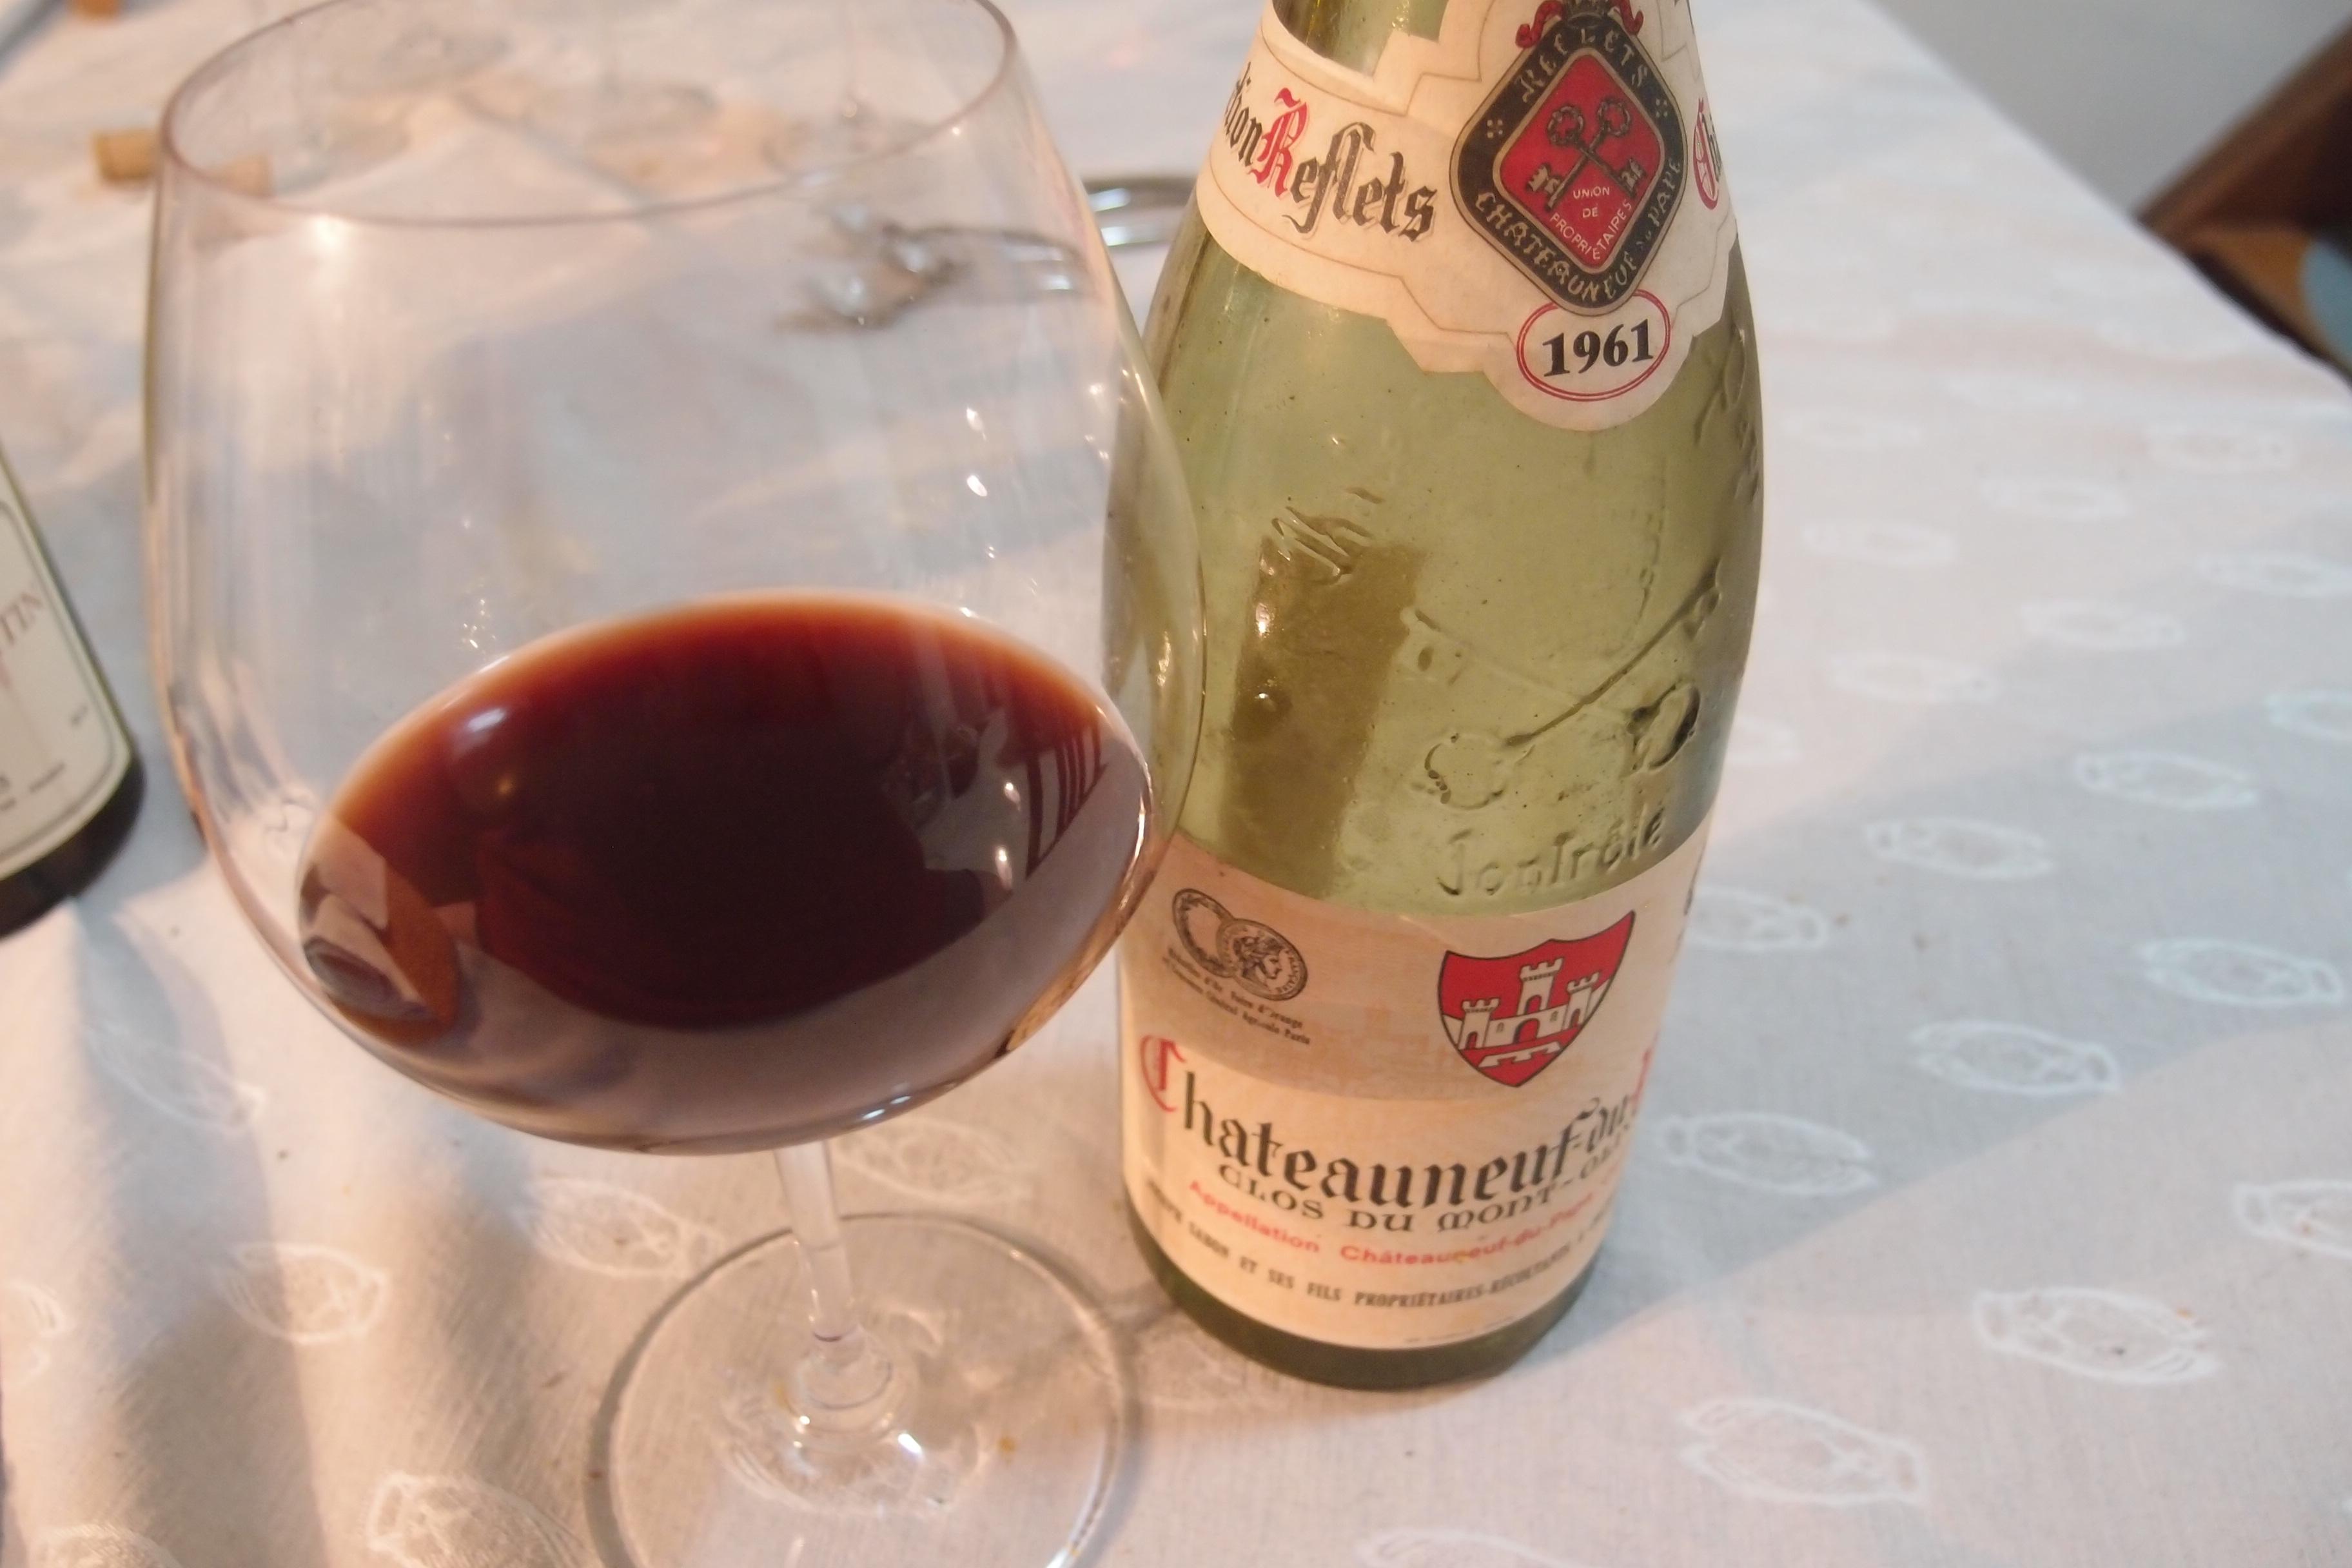 Le chateauneuf du pape, une terre de vigne